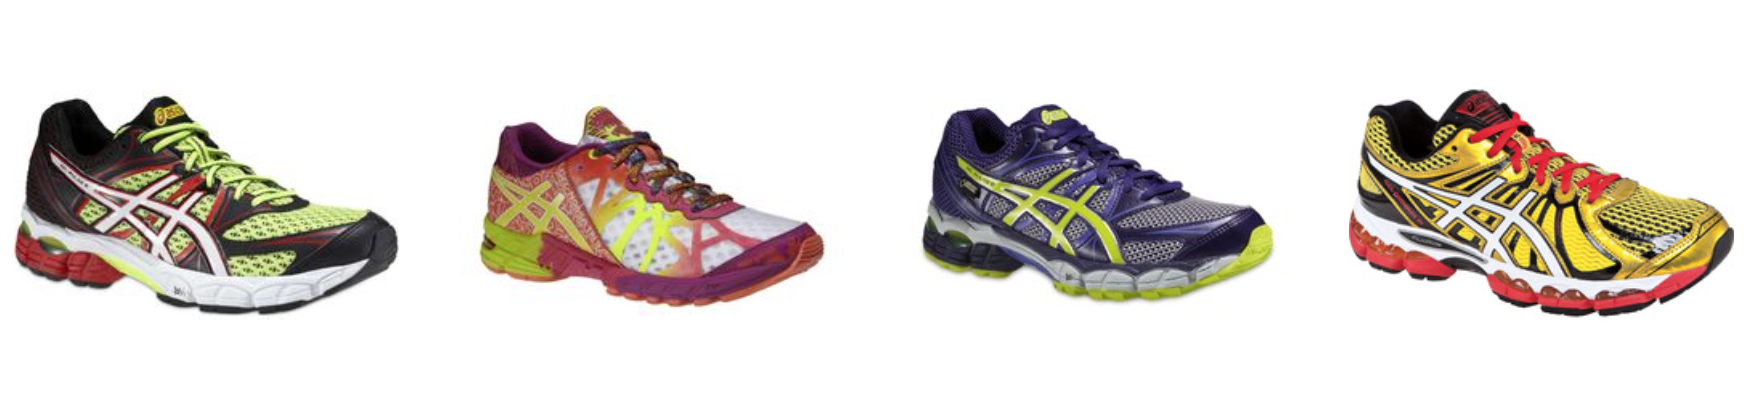 беговые кроссовки как выбрать